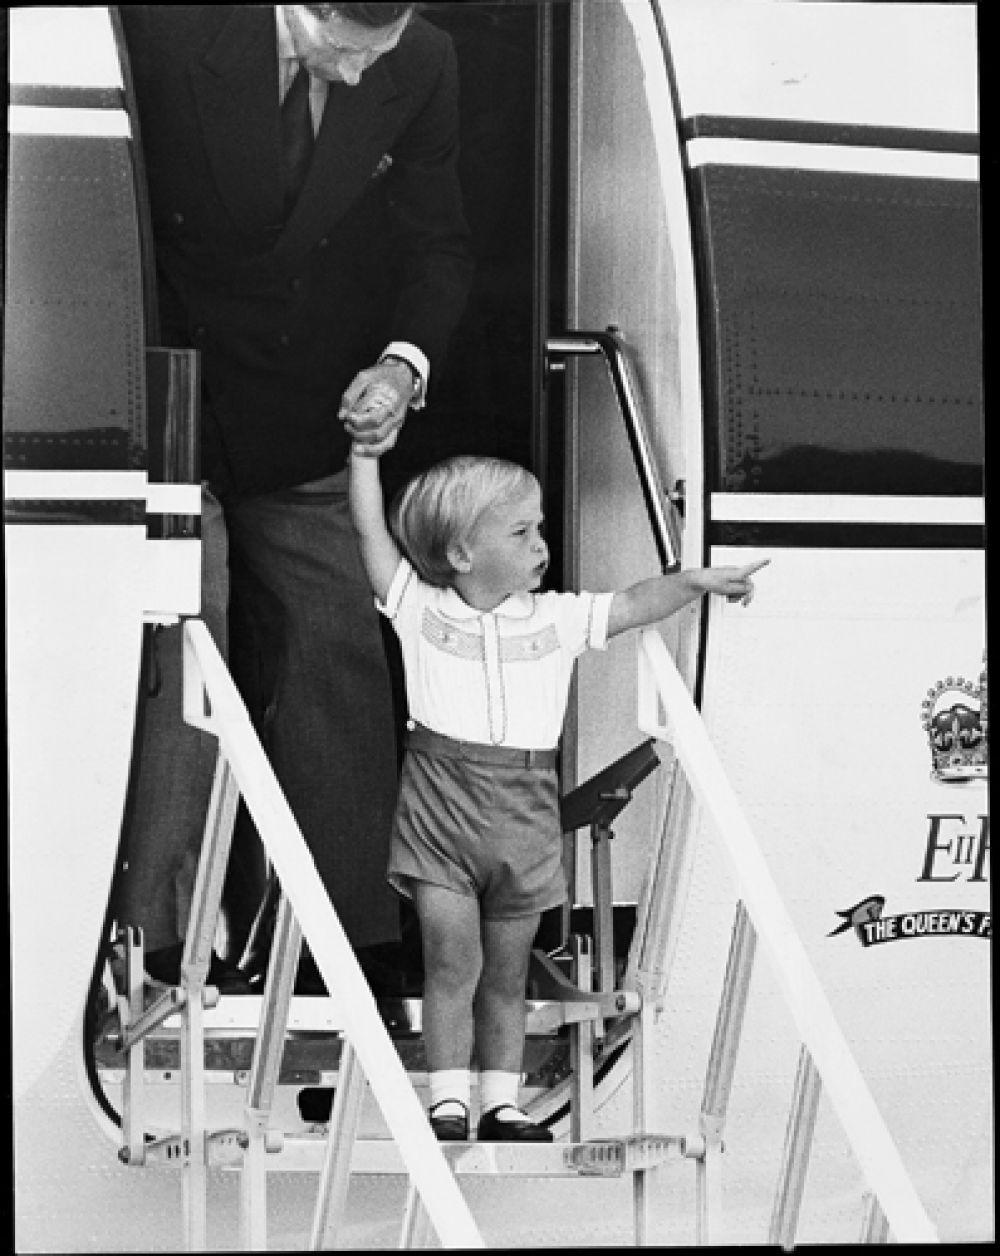 20 августа 1984 года. Принцу Уильяму два года.